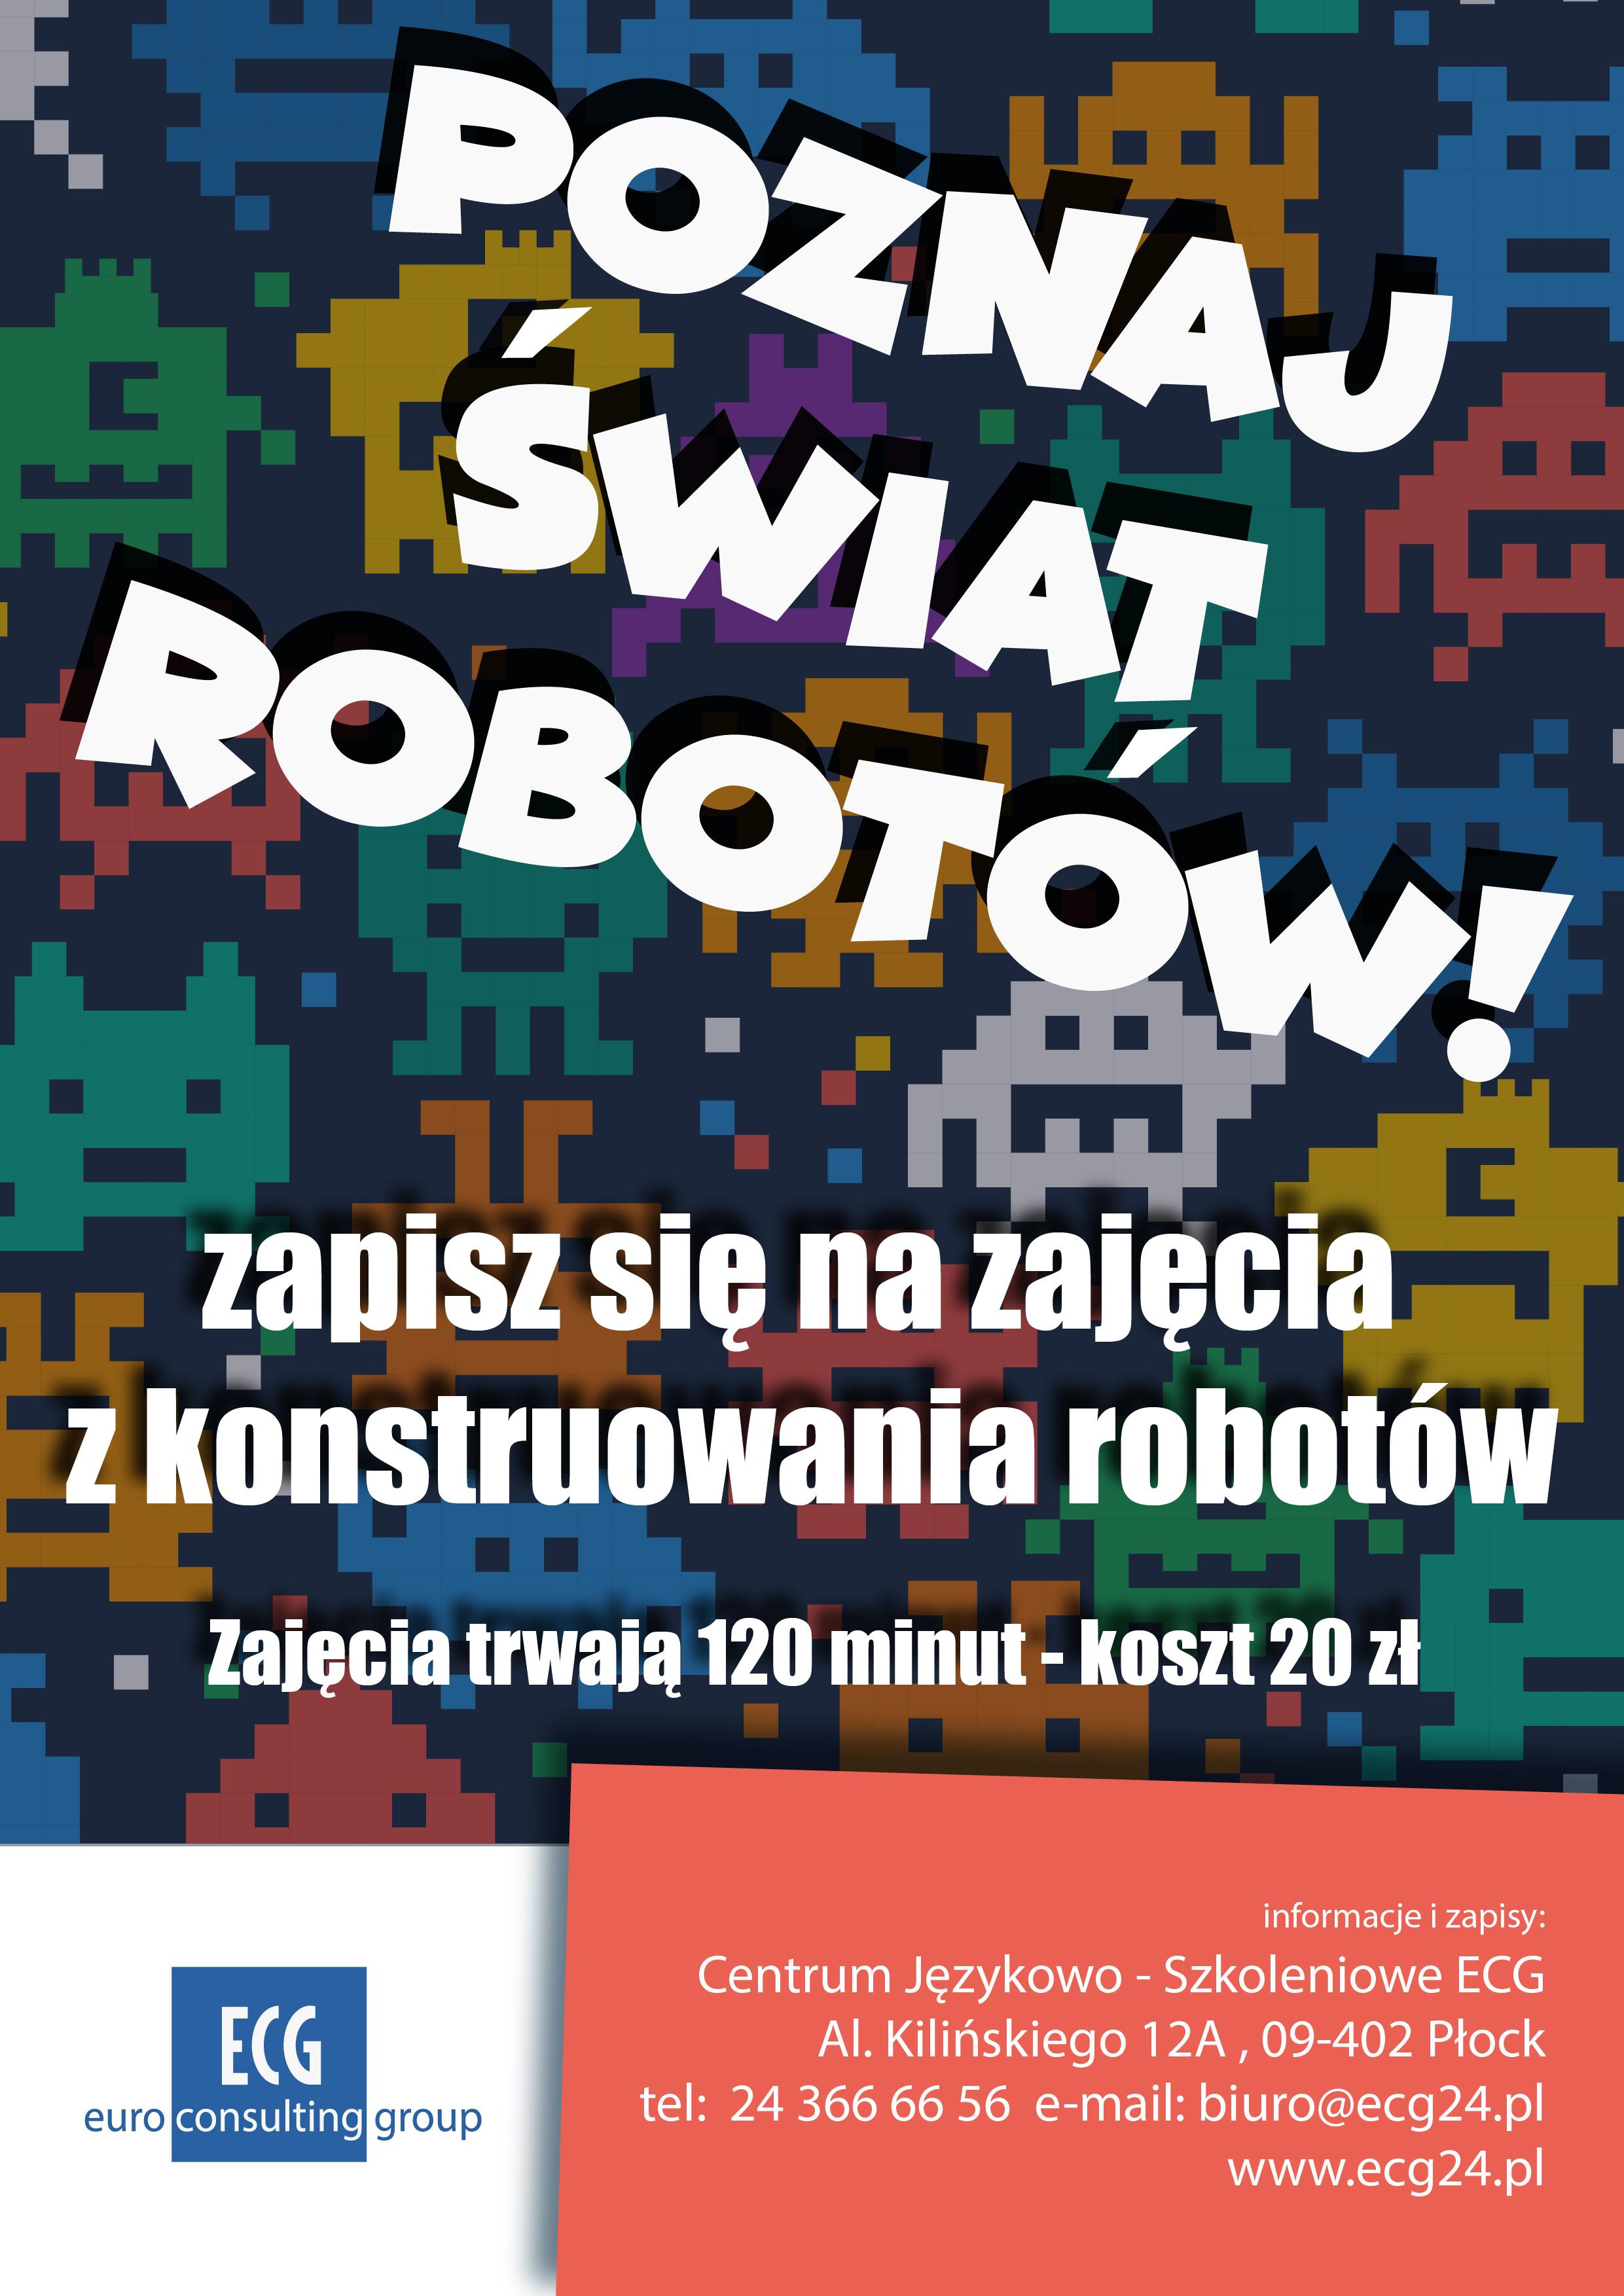 Robotyka Ecg Płock